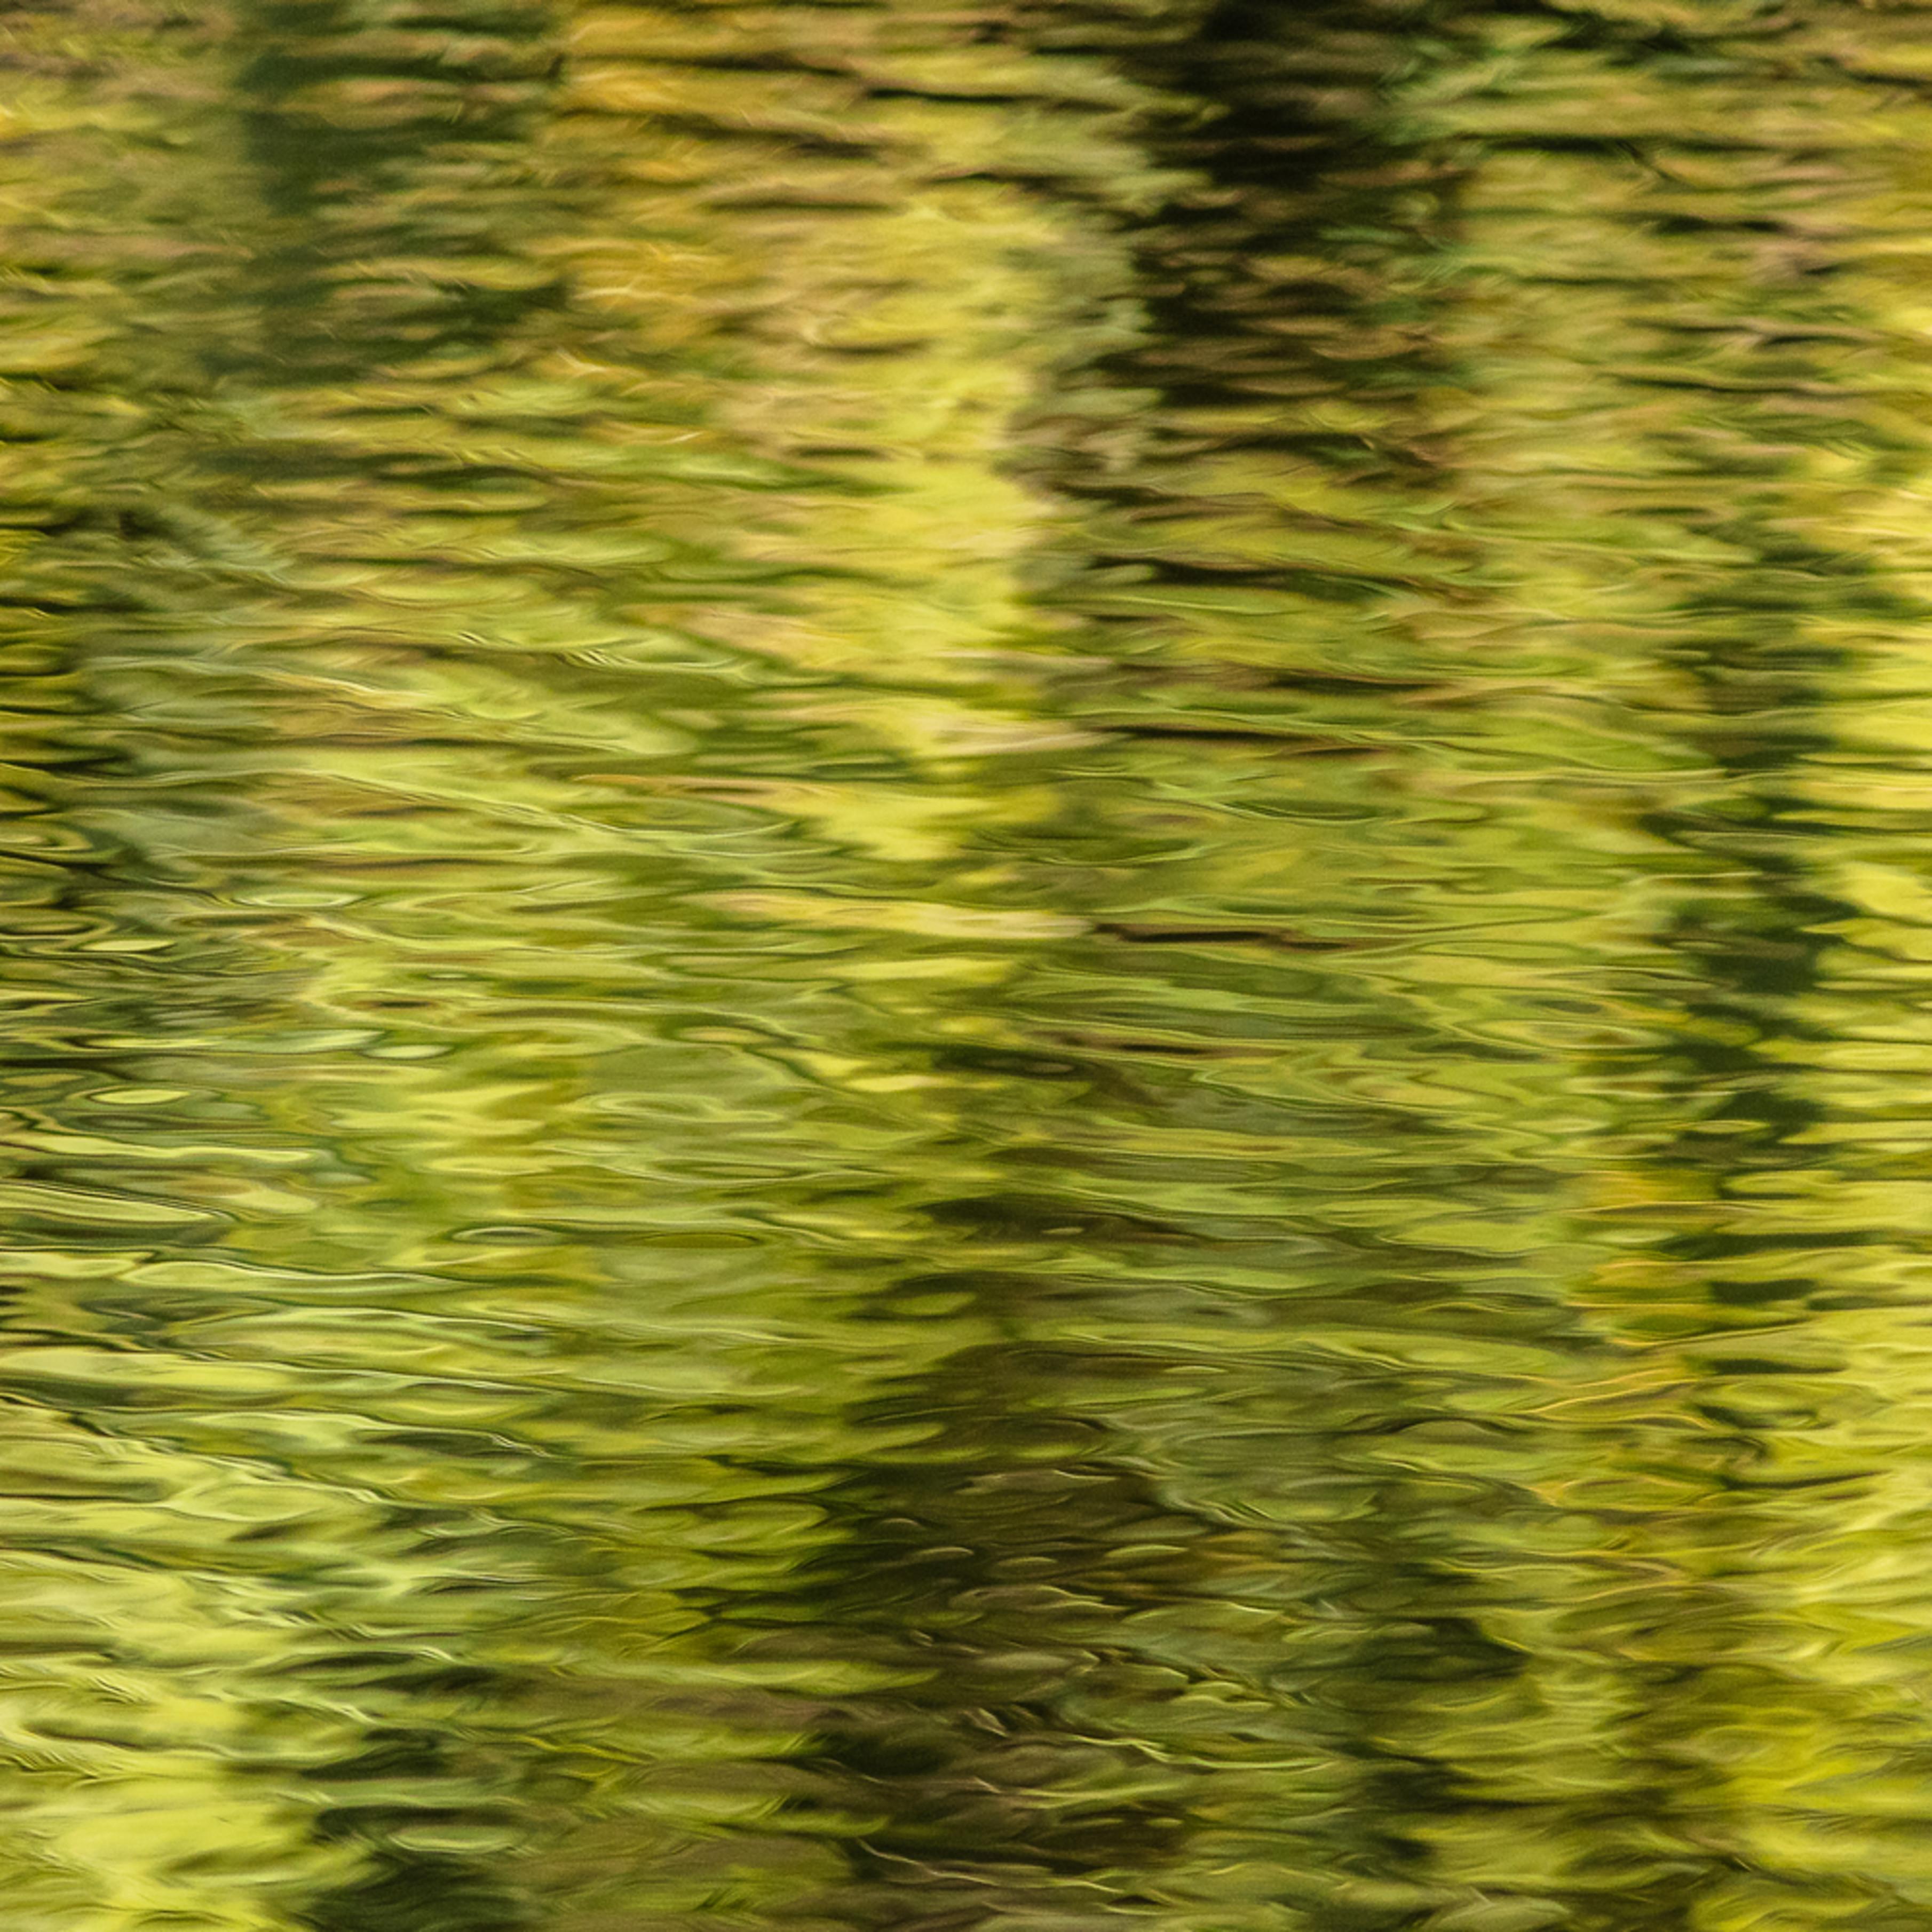 Aqua abstract 01 piz6rn